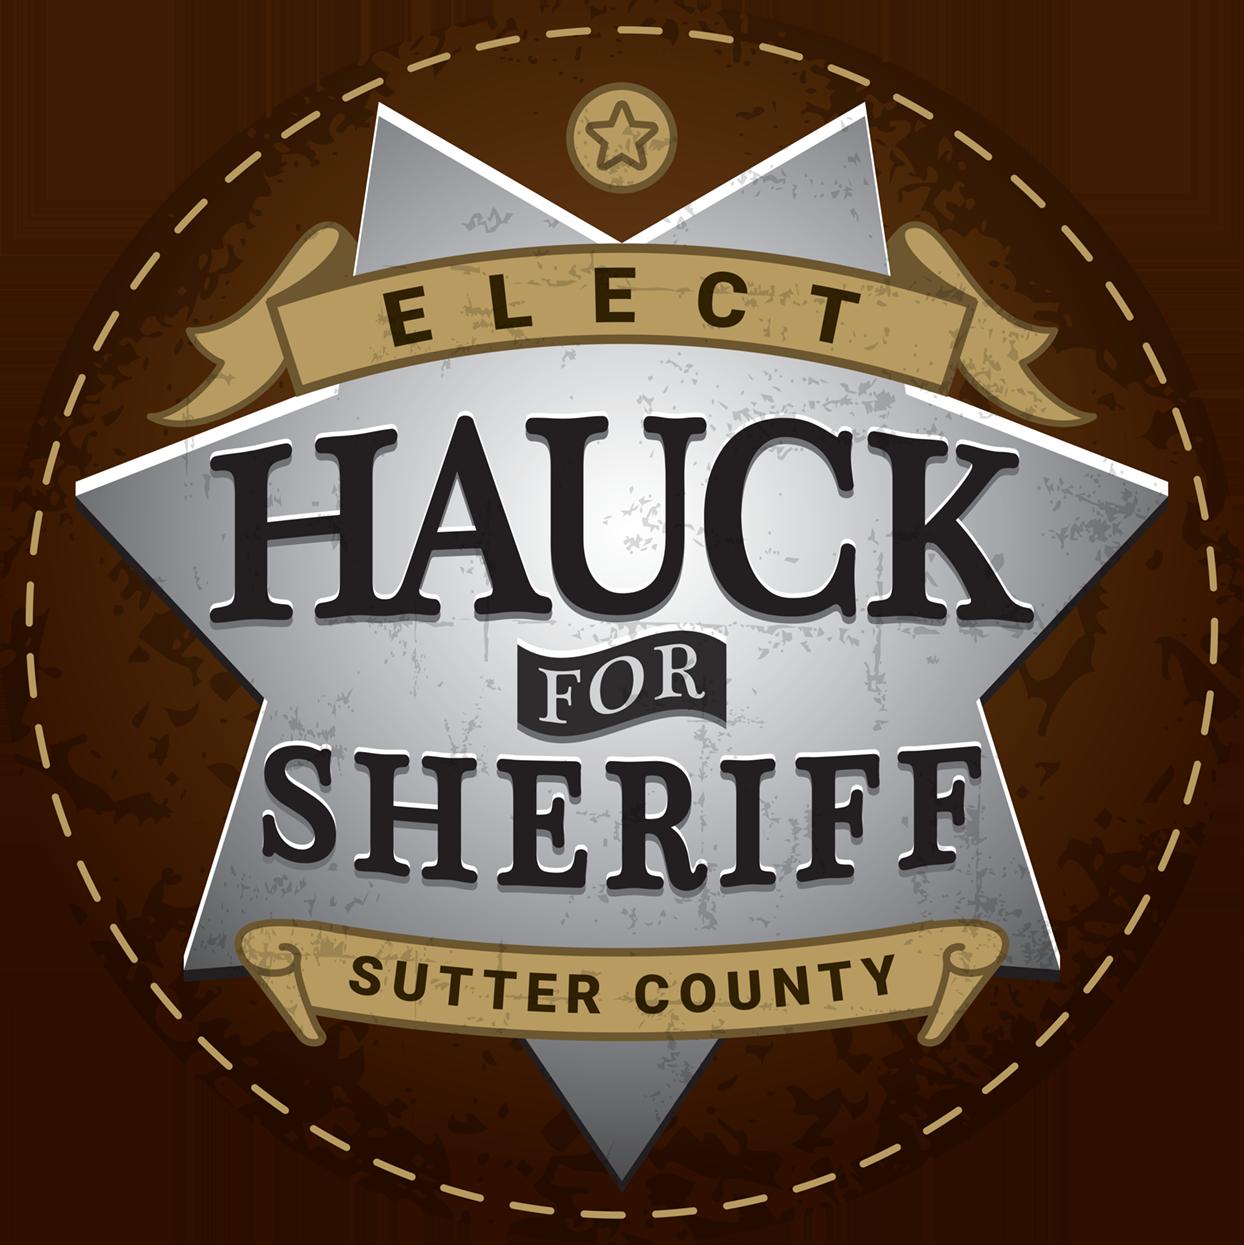 hauck-logo